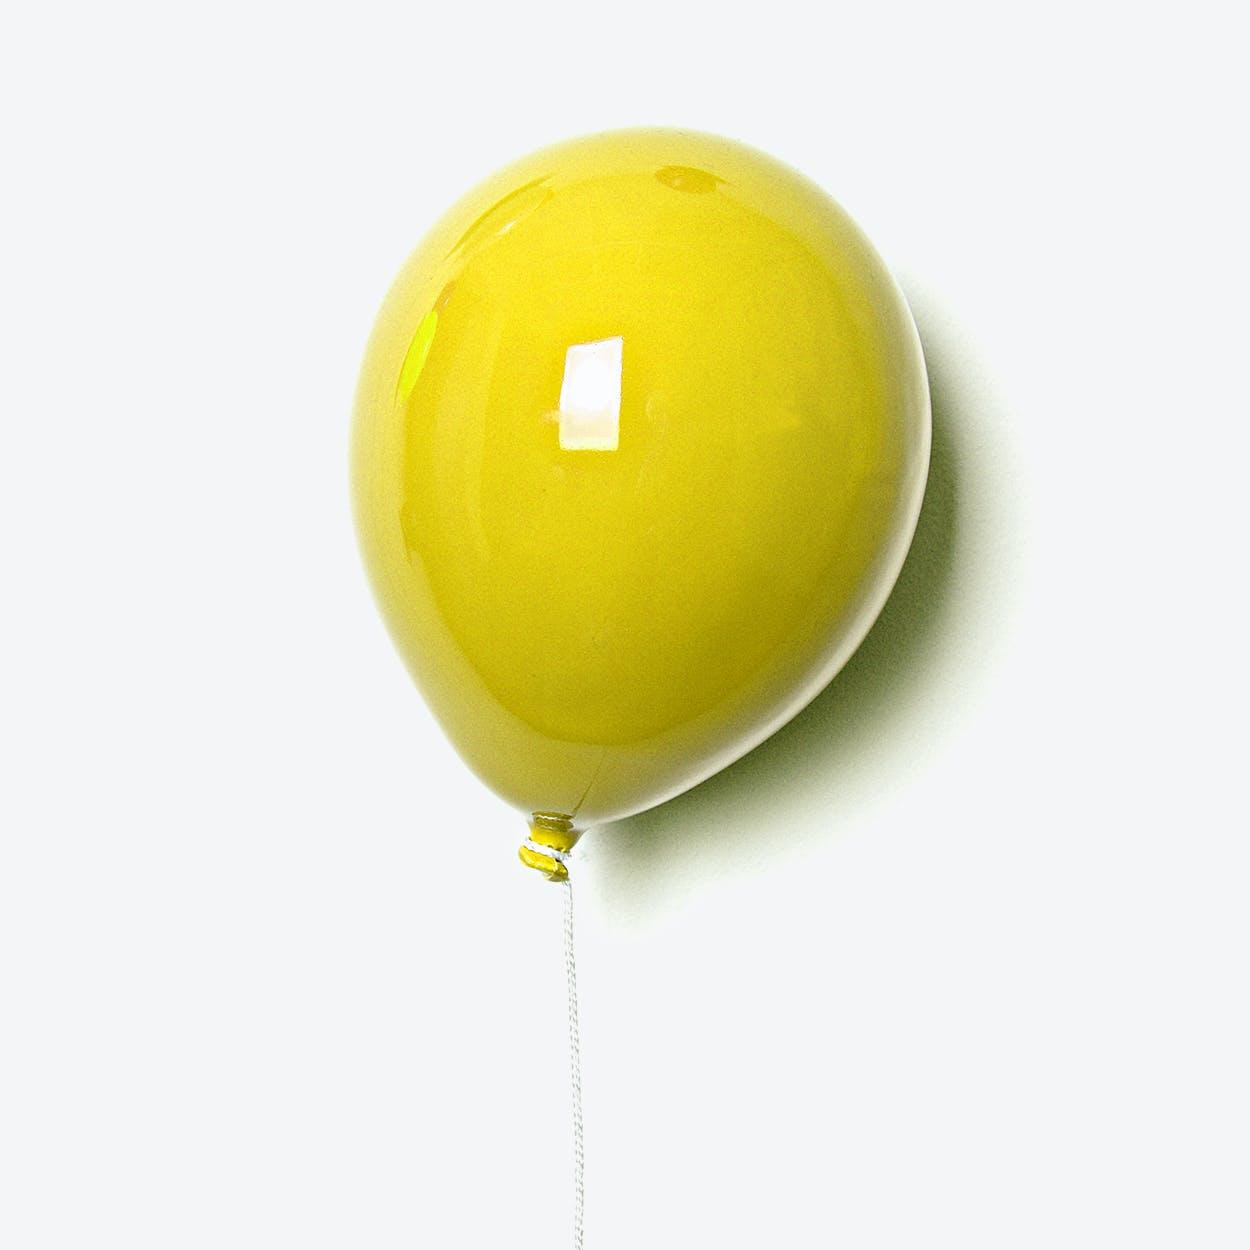 Ceramic Balloon Wall Decor in Yellow